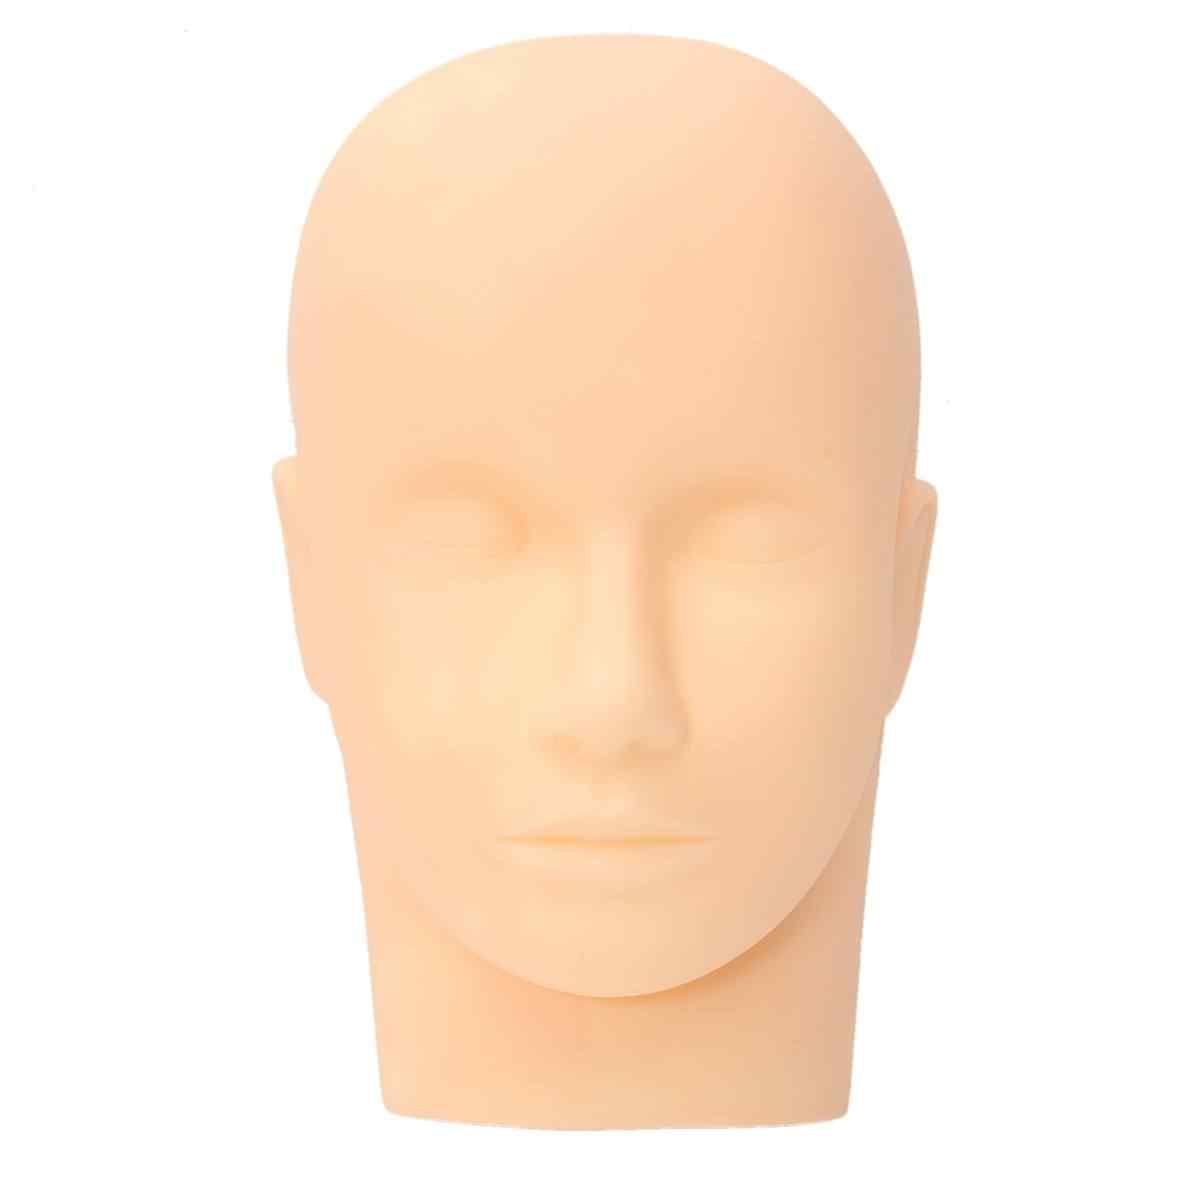 تدليك المعرضة رئيس شقة العين الوجه رمش رمش تمديد ماكياج الممارسة نموذج التجميل المهنية رؤساء التدريب أداة